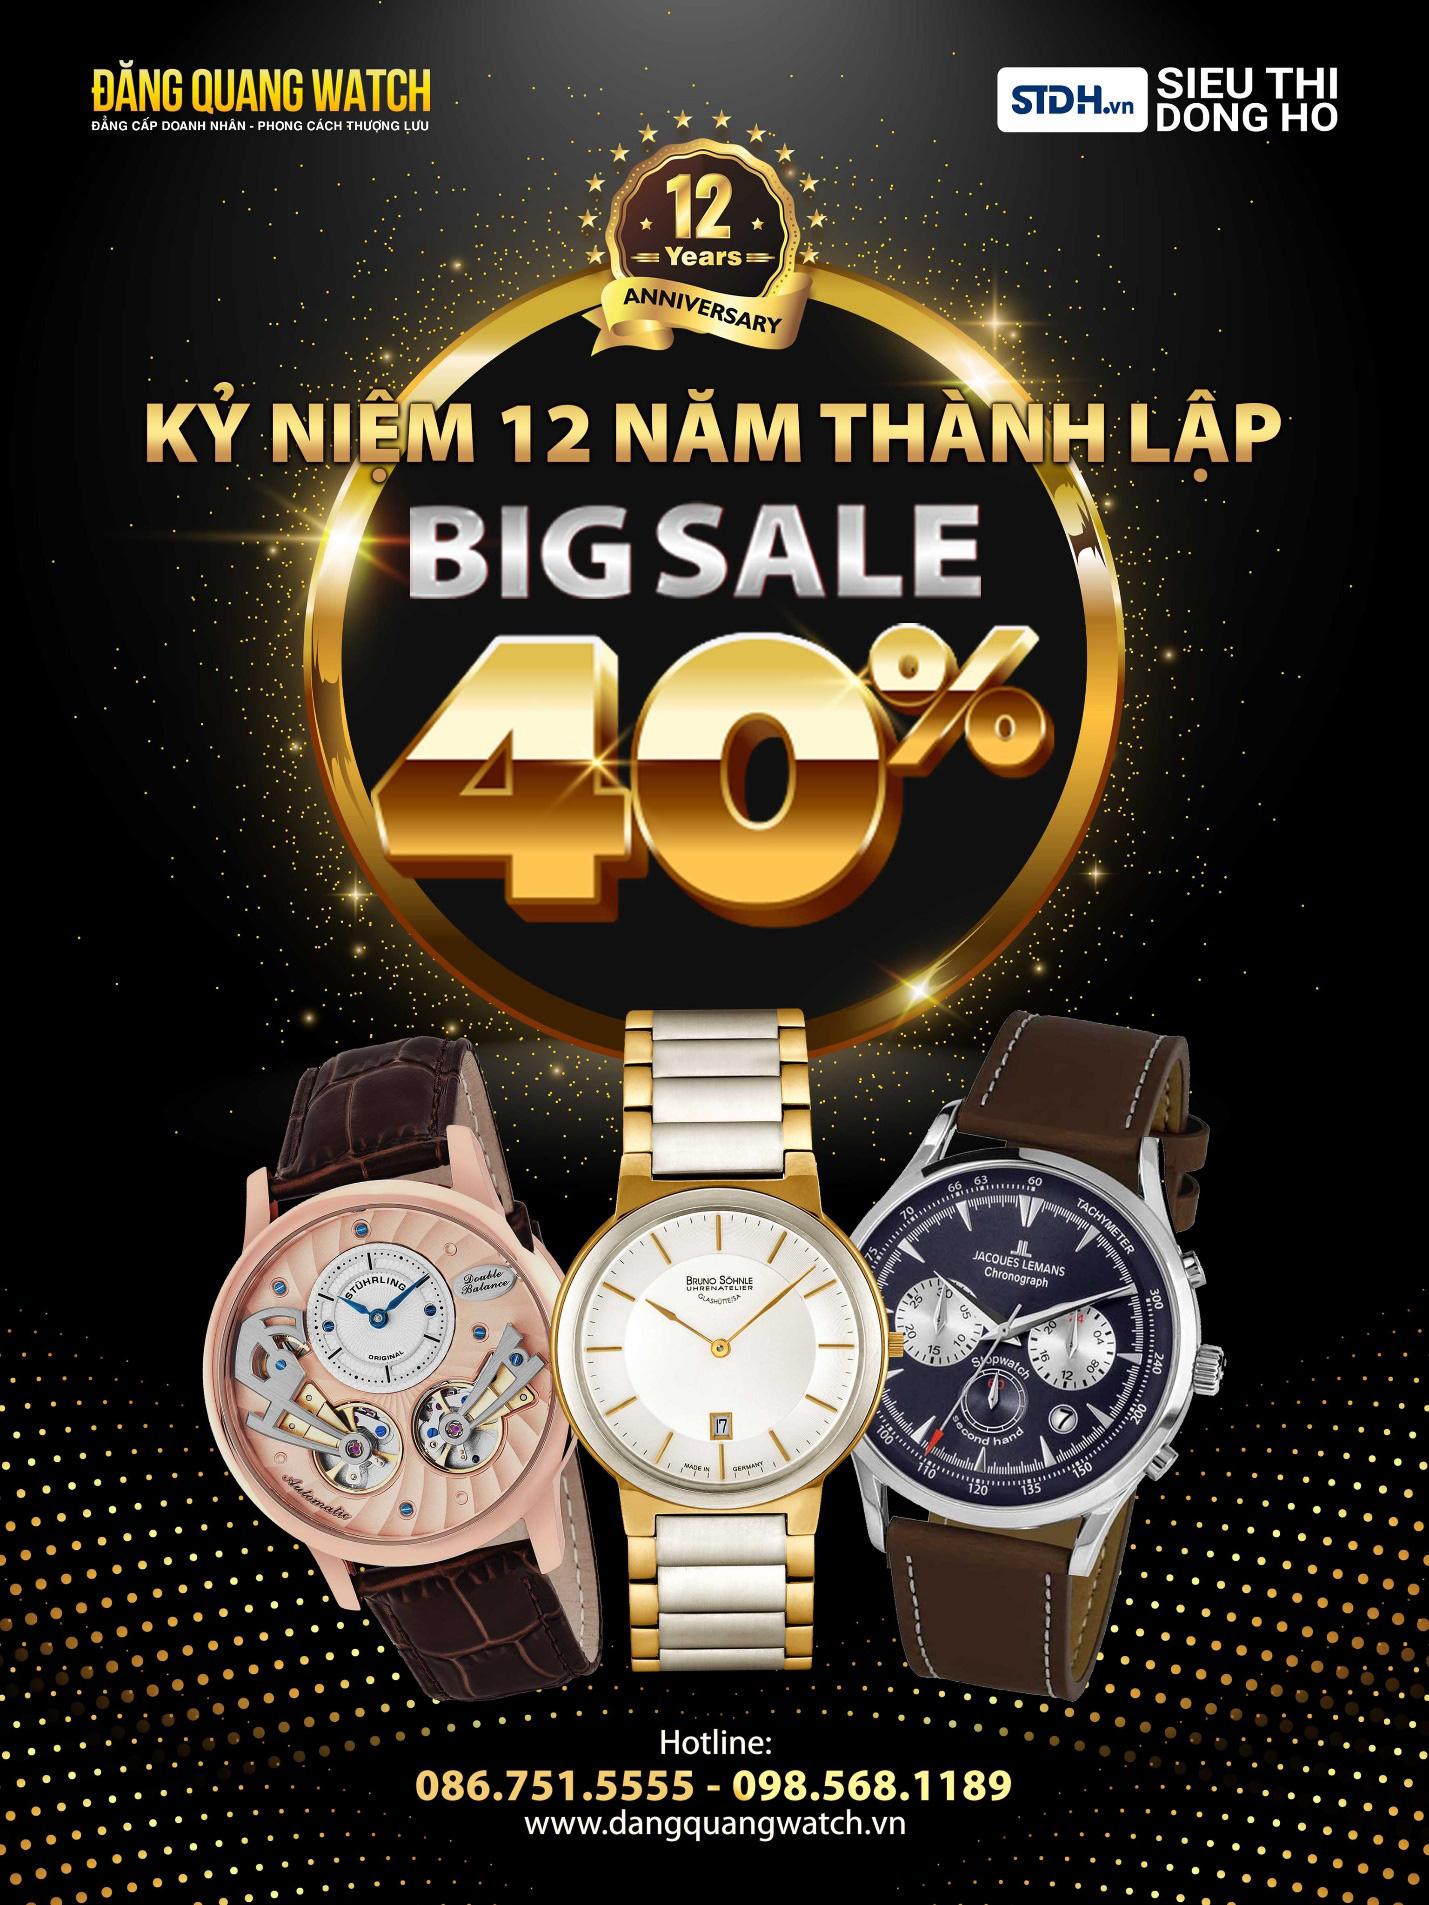 Khuyến mãi lớn chưa từng có mừng sinh nhật Đăng Quang Watch, giảm ngay 40% đồng hồ chính hãng - Ảnh 1.